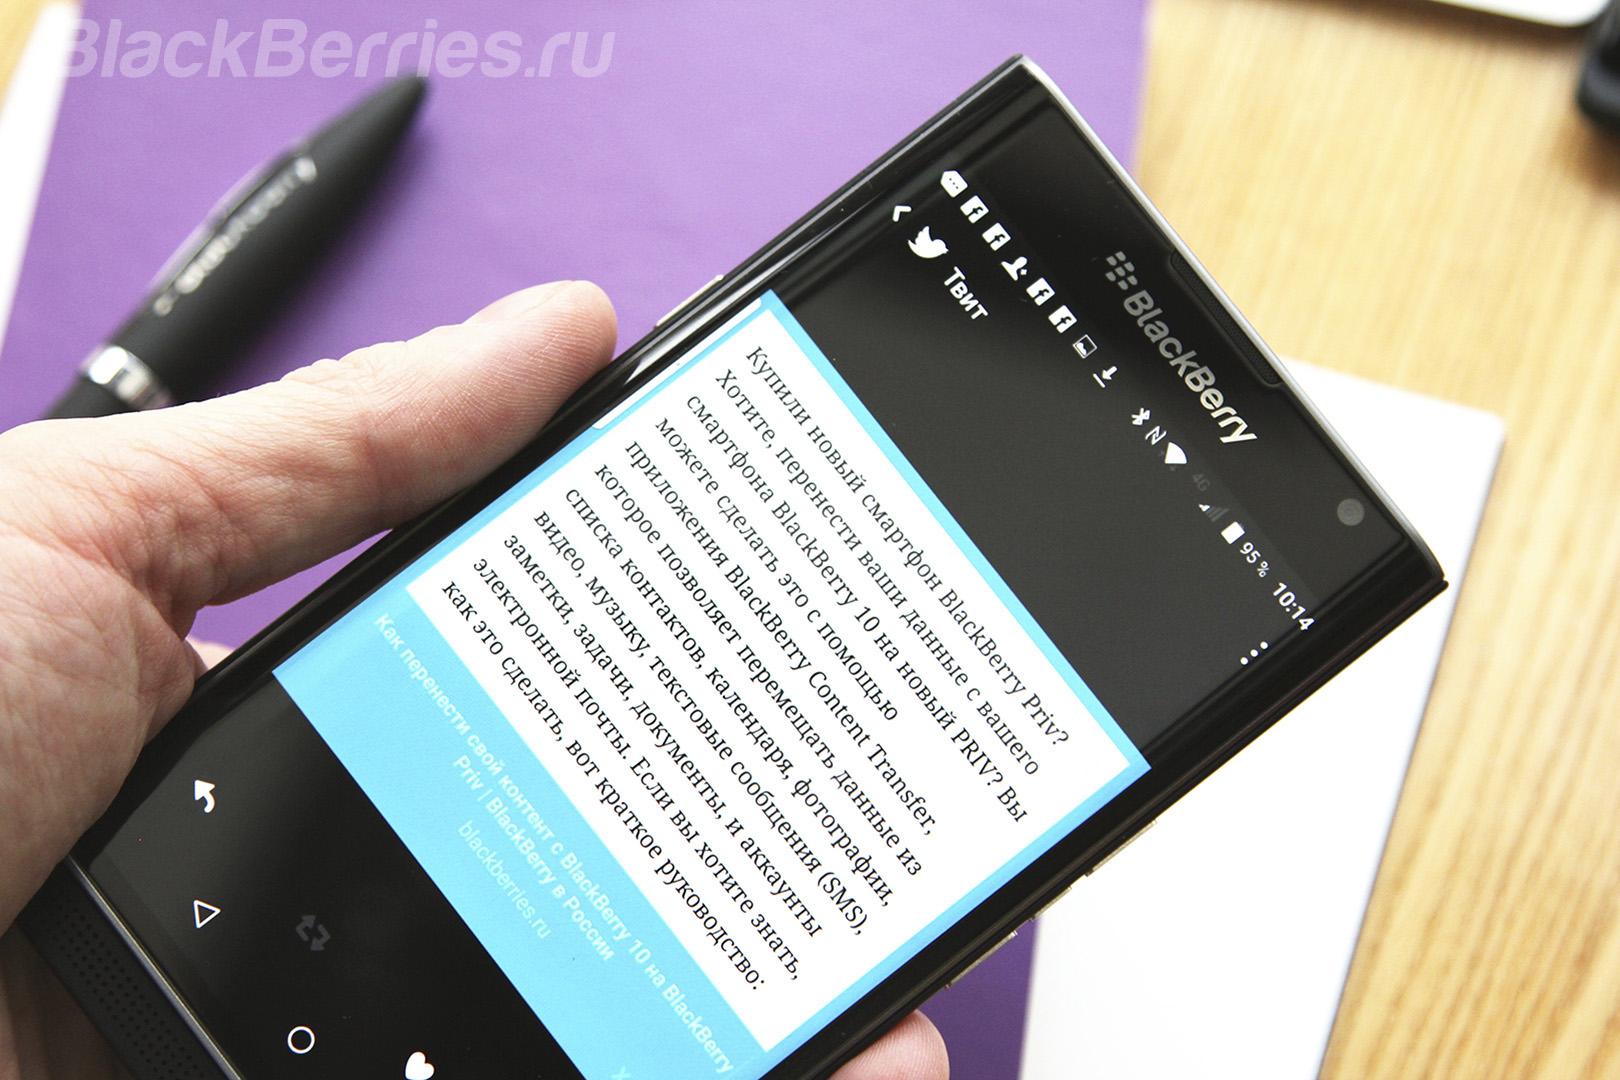 BlackBerry-Apps-21-11-05